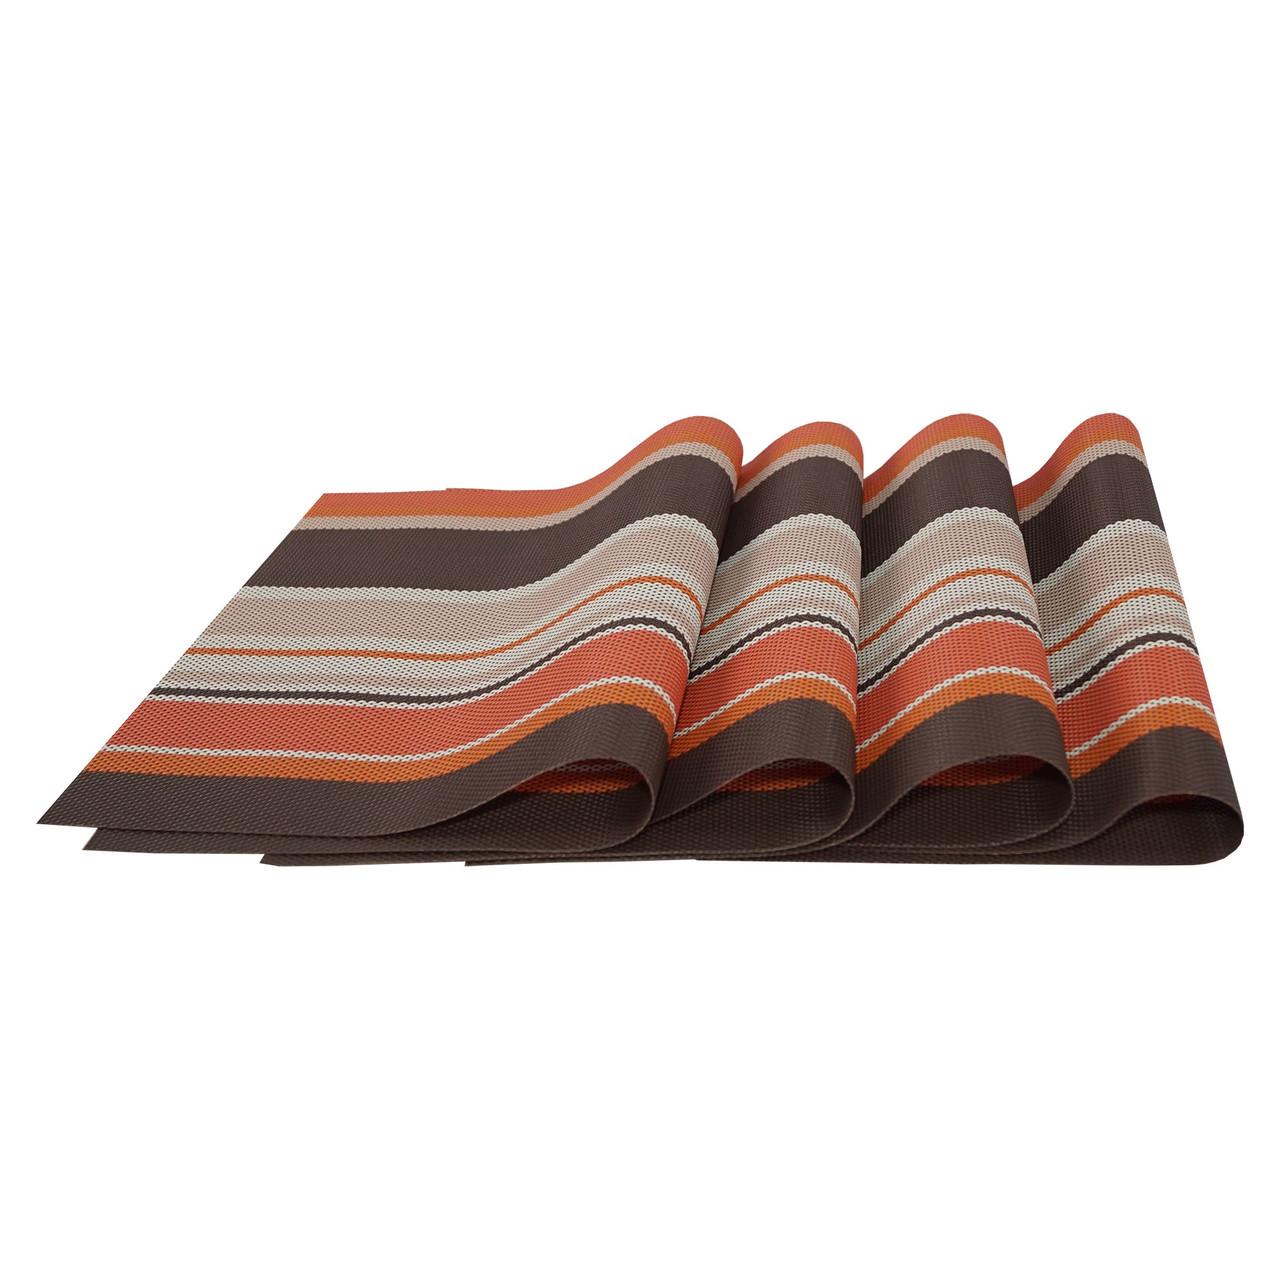 Комплект из 4-х сервировочных ковриков (оранжевый)